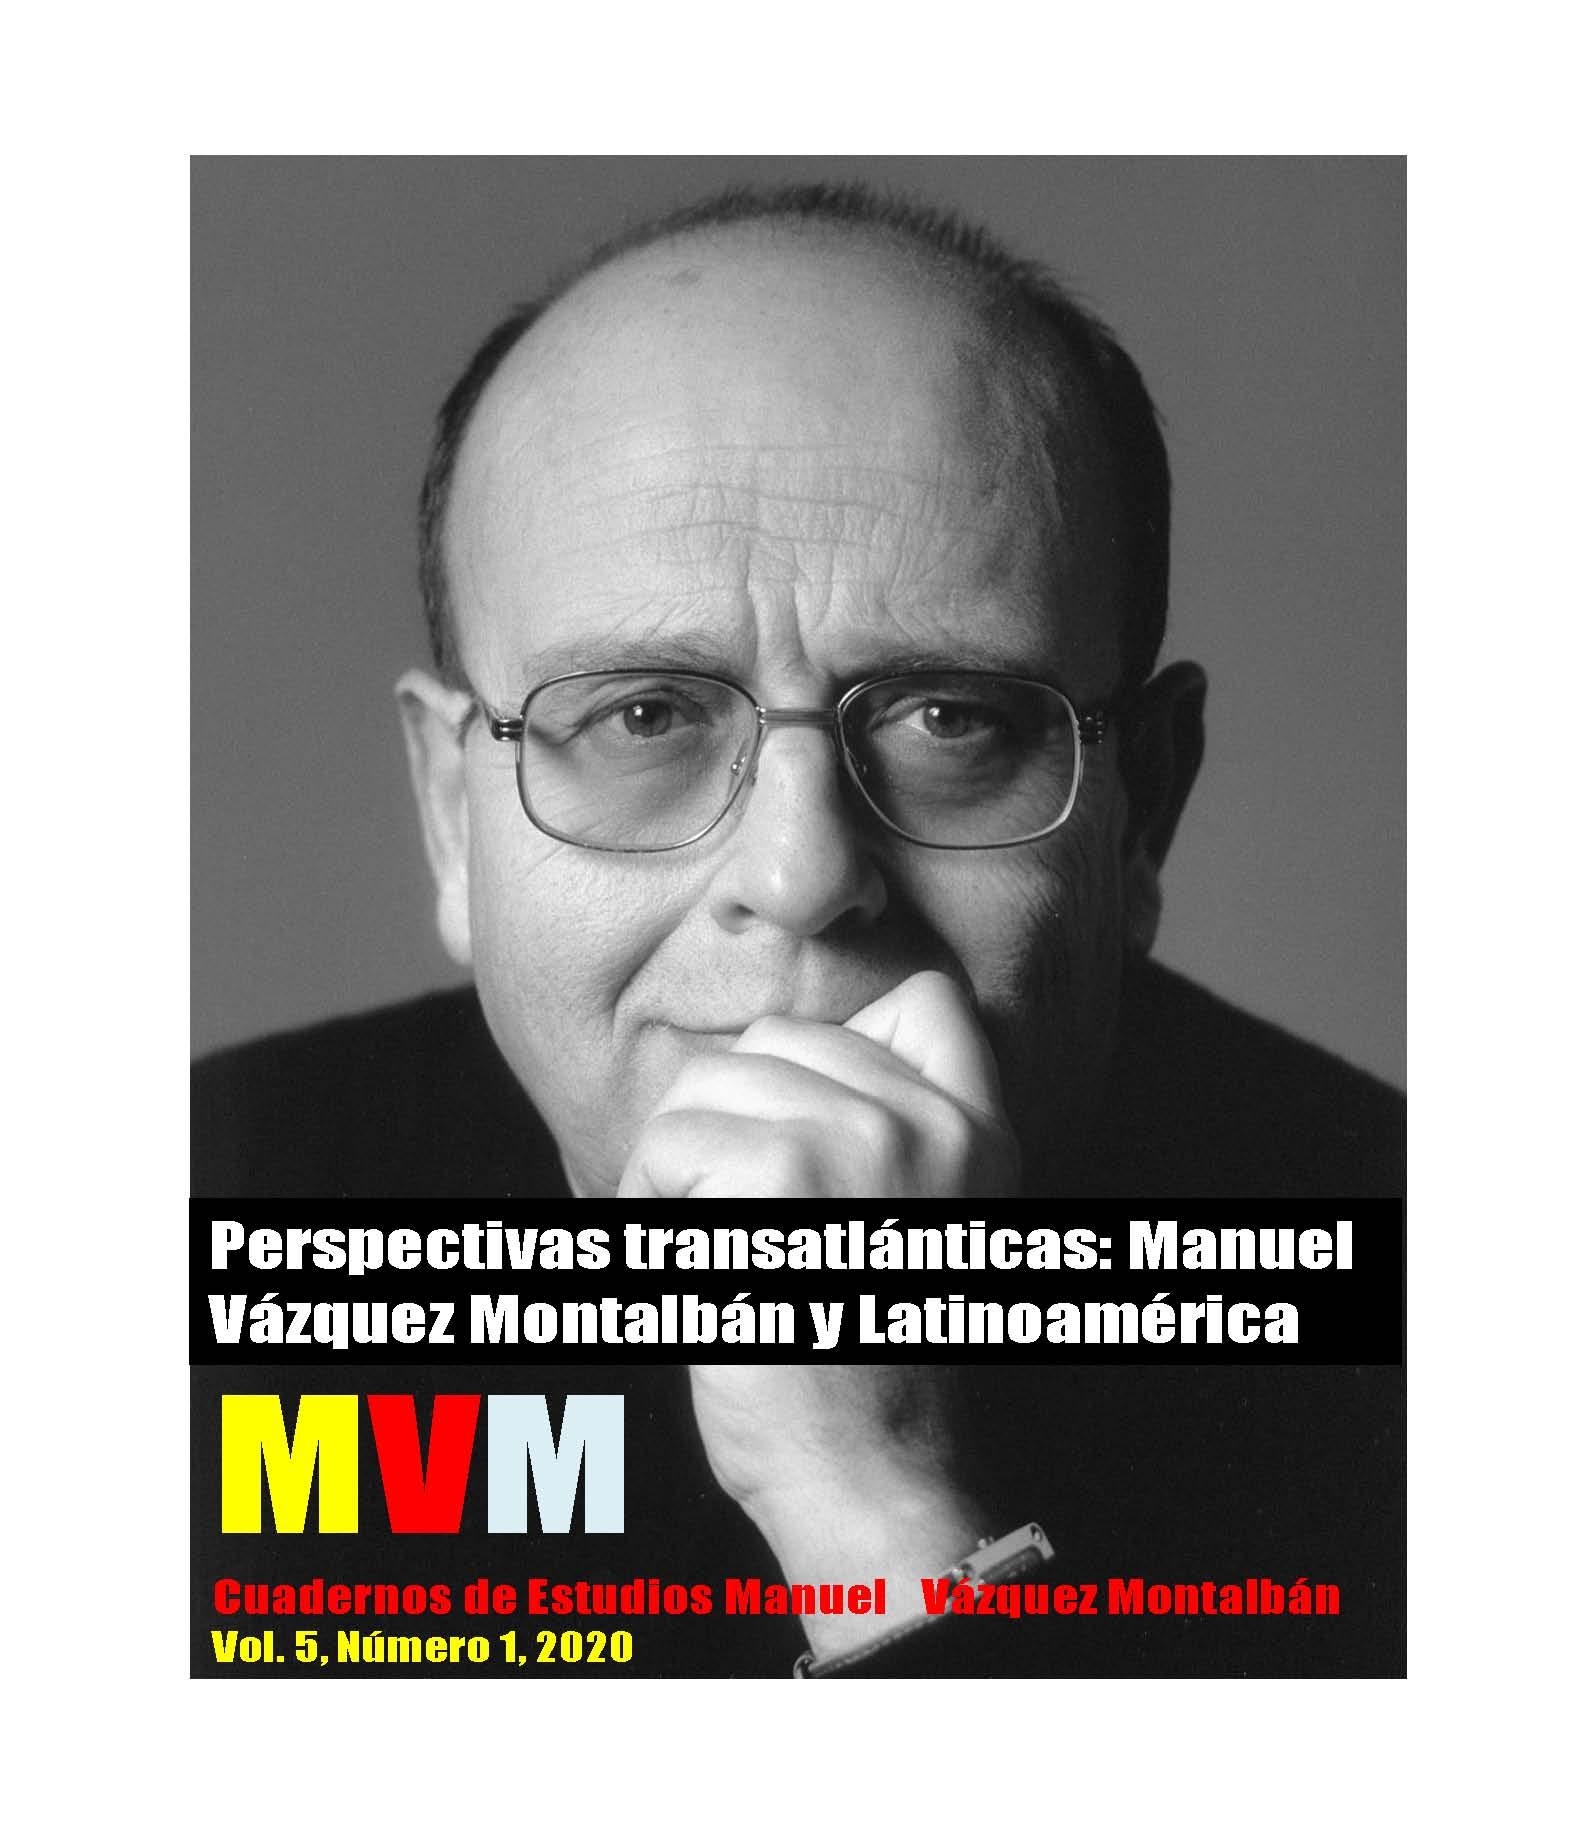 Ver Vol. 5 Núm. 1 (2020): MVM: Cuadernos de Estudios Manuel Vázquez Montalbán. Perspectivas transatlánticas: Manuel Vázquez Montalbán y Latinoamérica